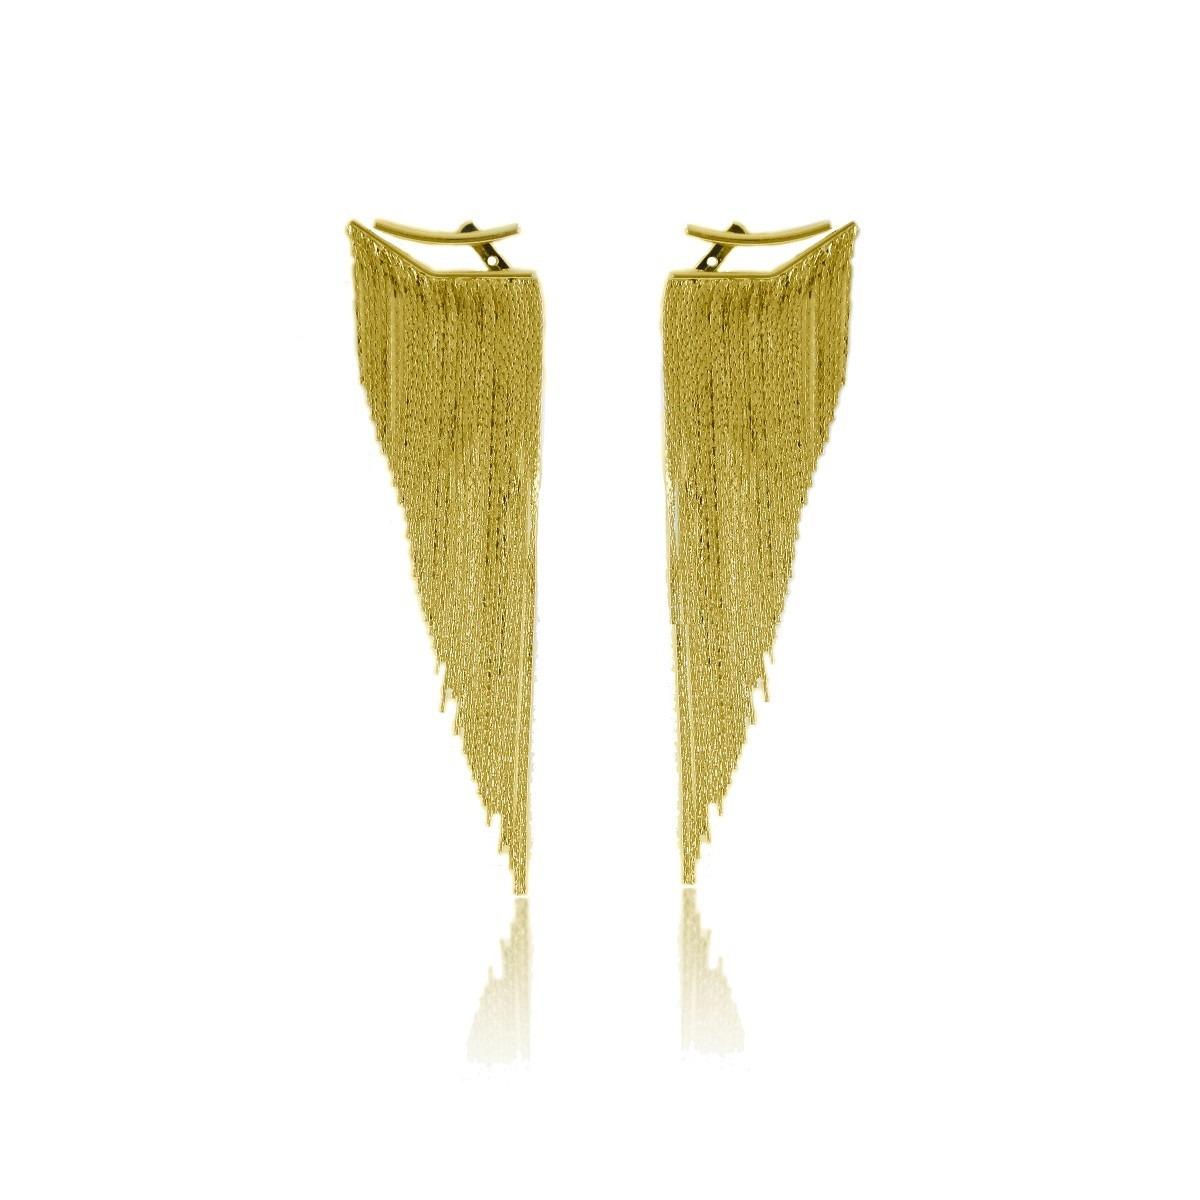 2a7bad8cf6b2a Brinco De Franja Degrade Ear Jacket Folheado A Ouro 18k - R  56,60 em  Mercado Livre